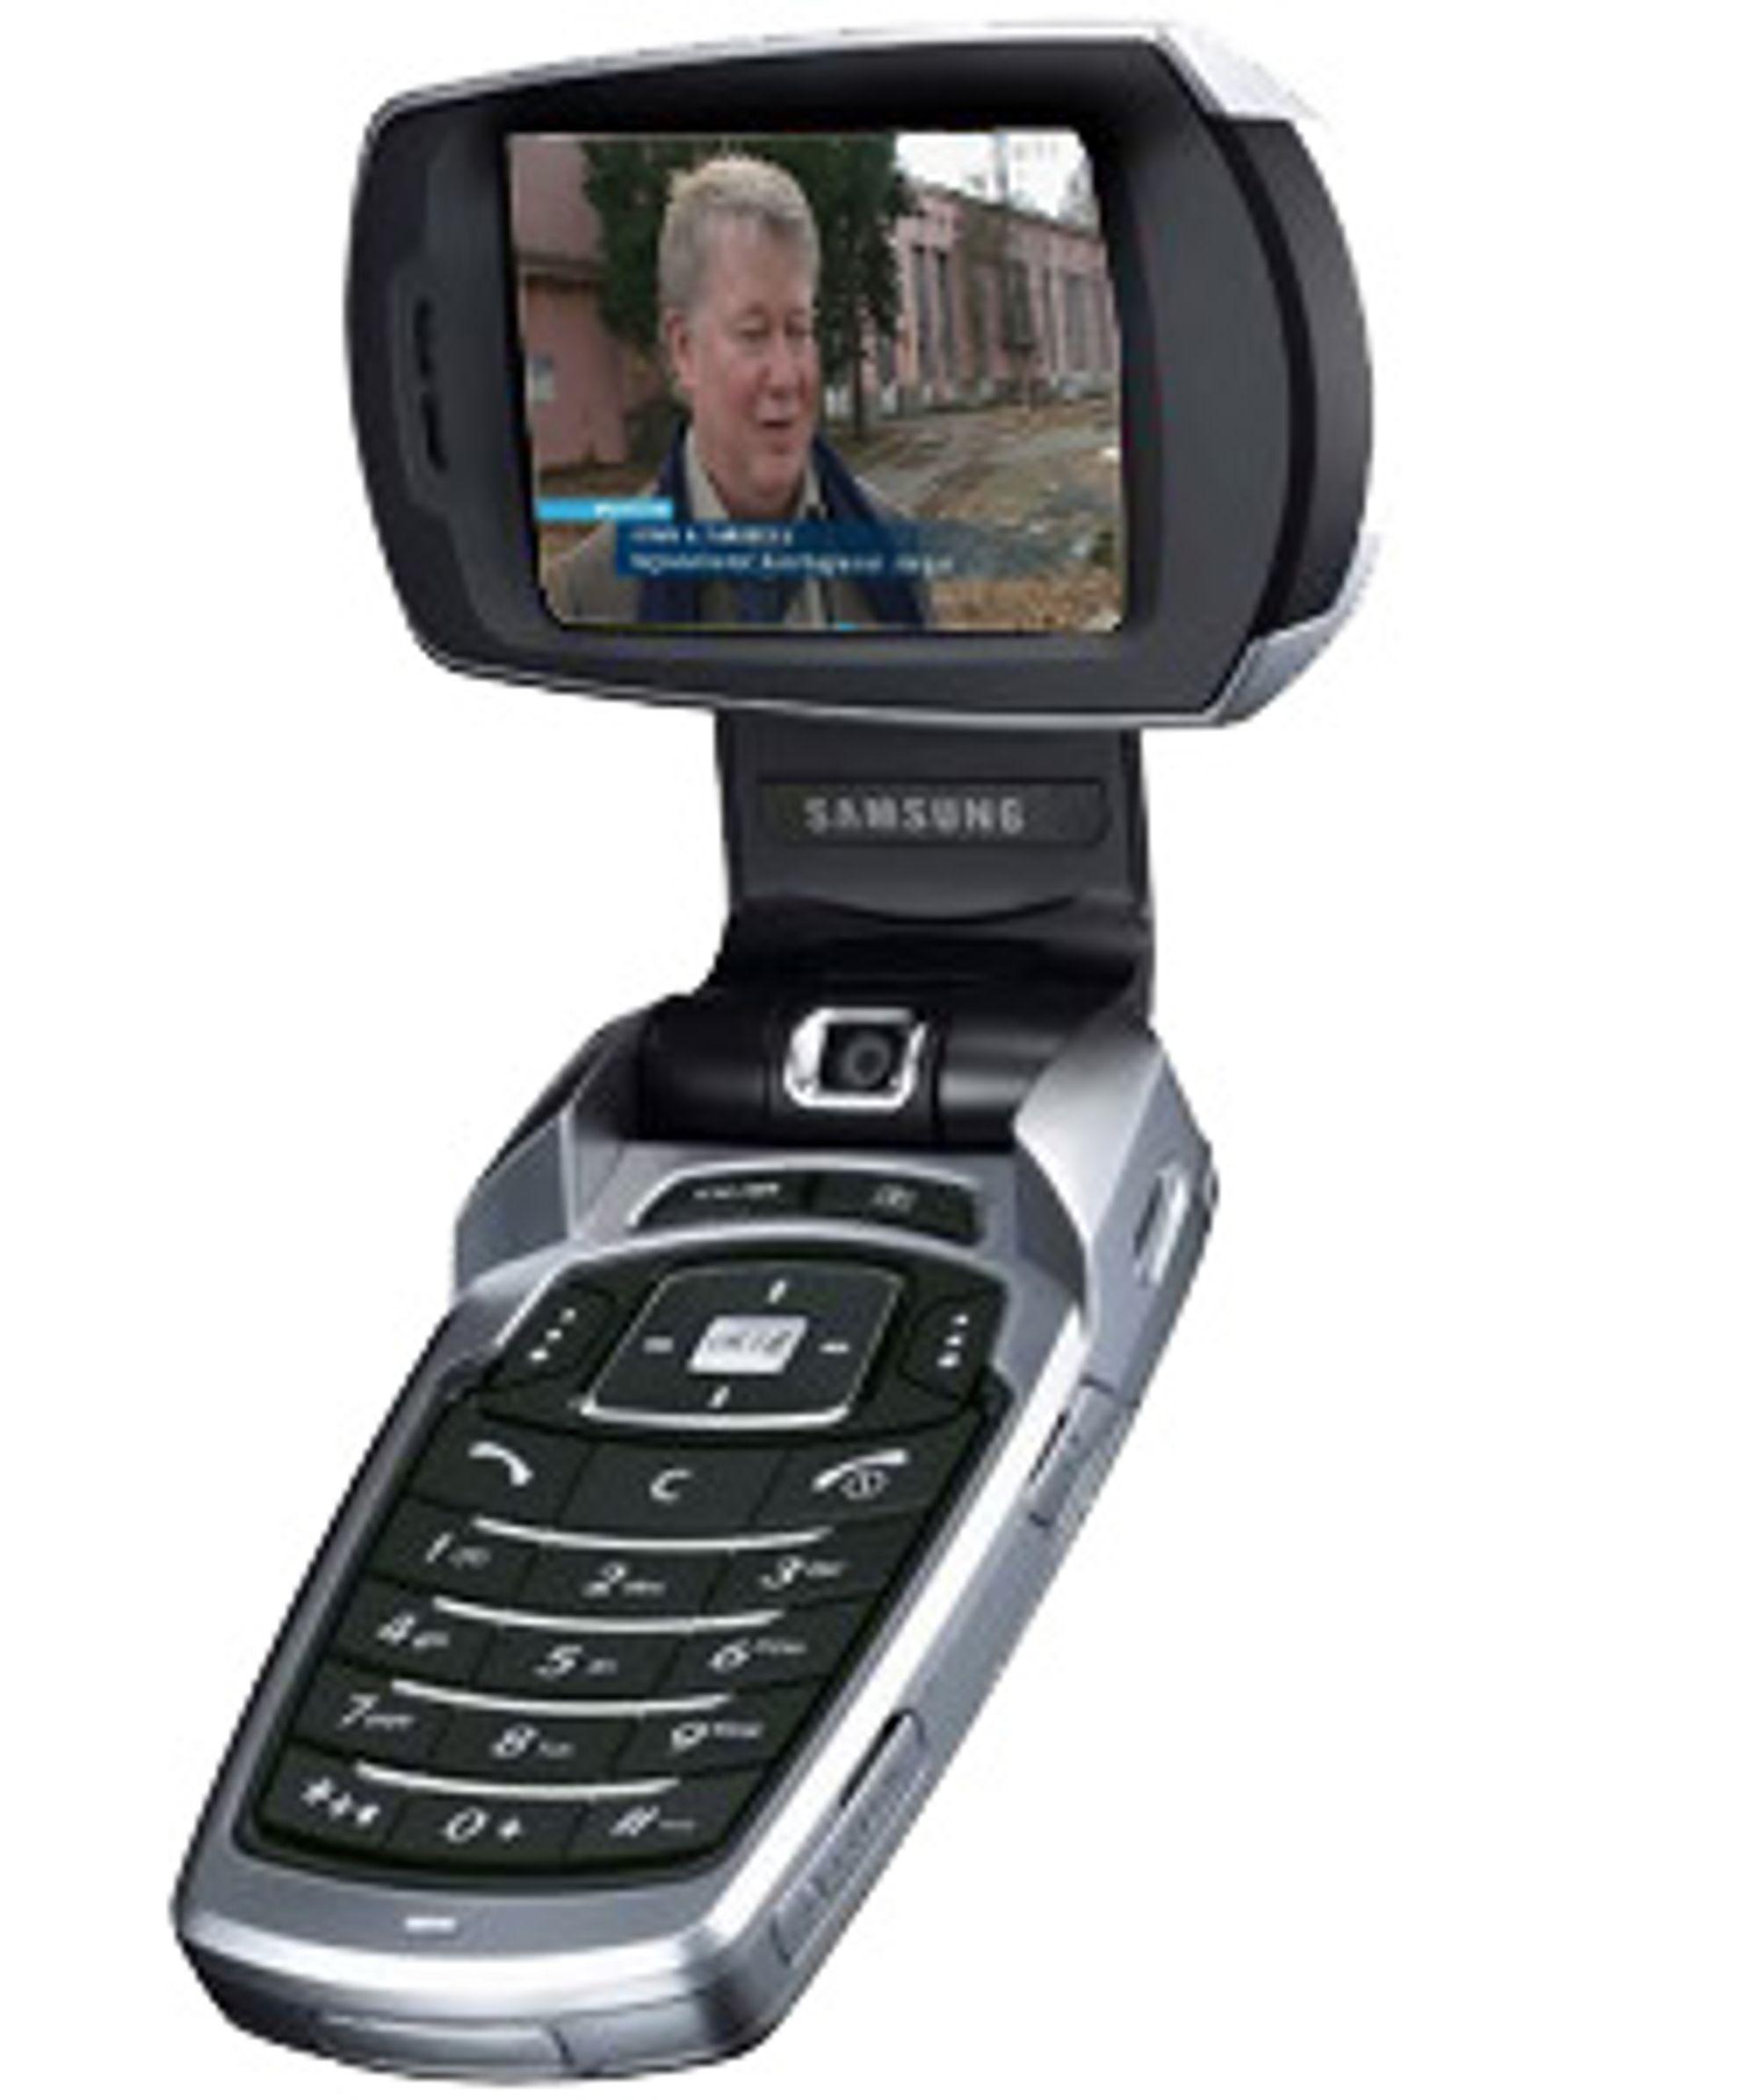 Mobil-TV via DAB-nettet kommer over nyttår.